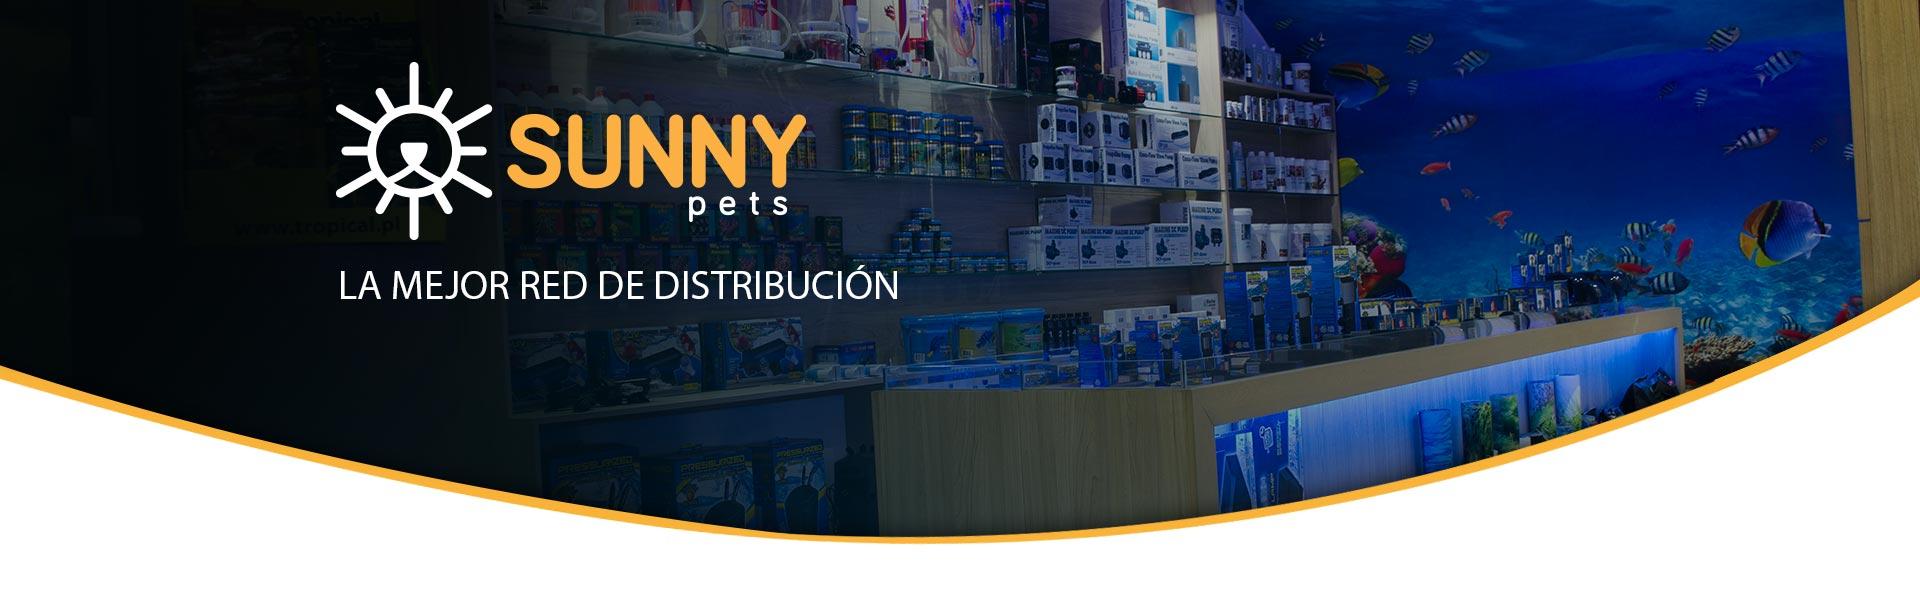 Distribuidor accesorios mascotas acuarios sunny